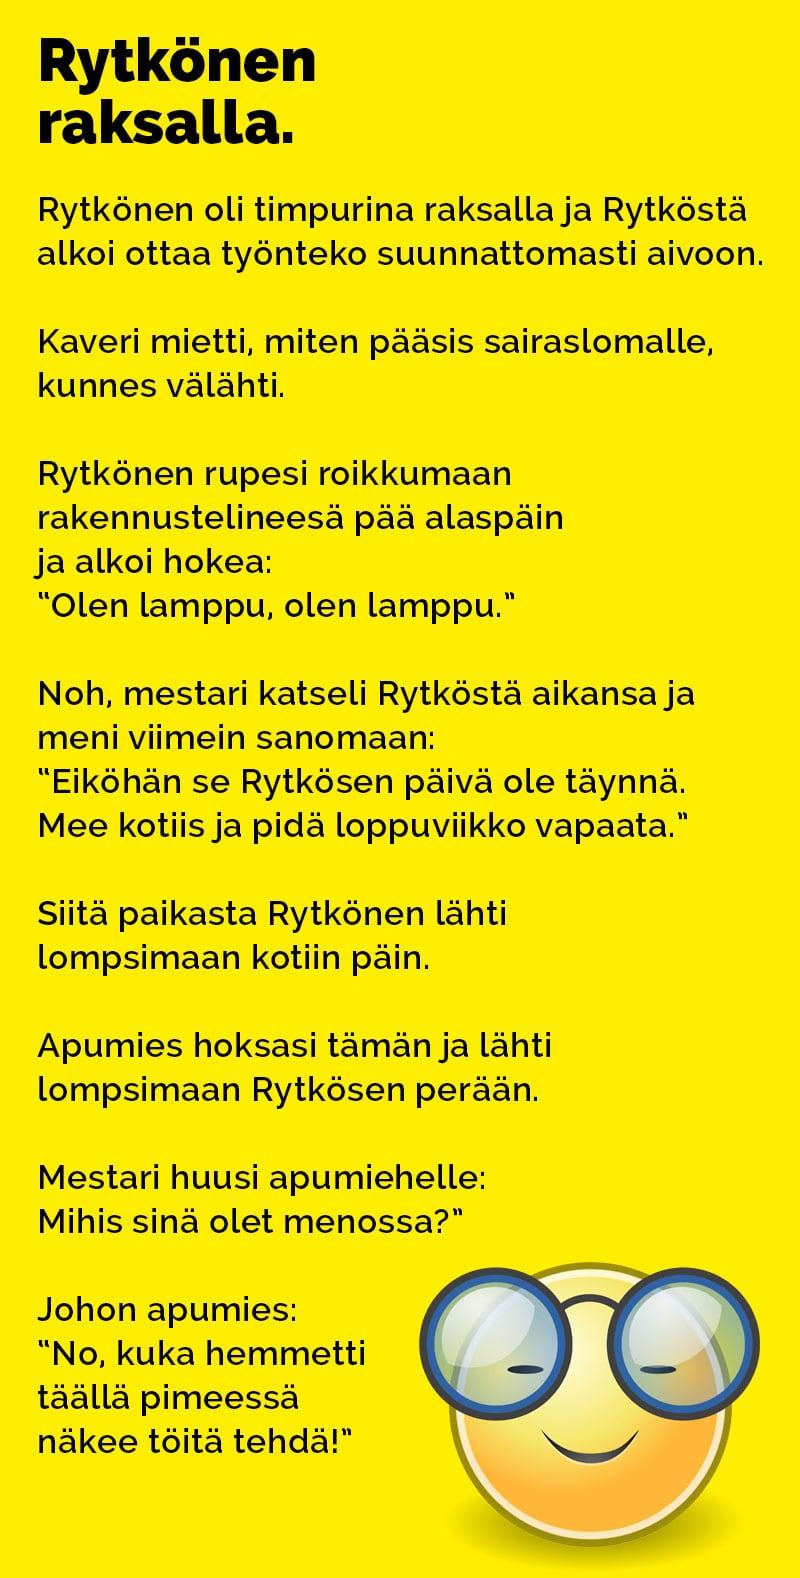 rytkonen_raksalla_2